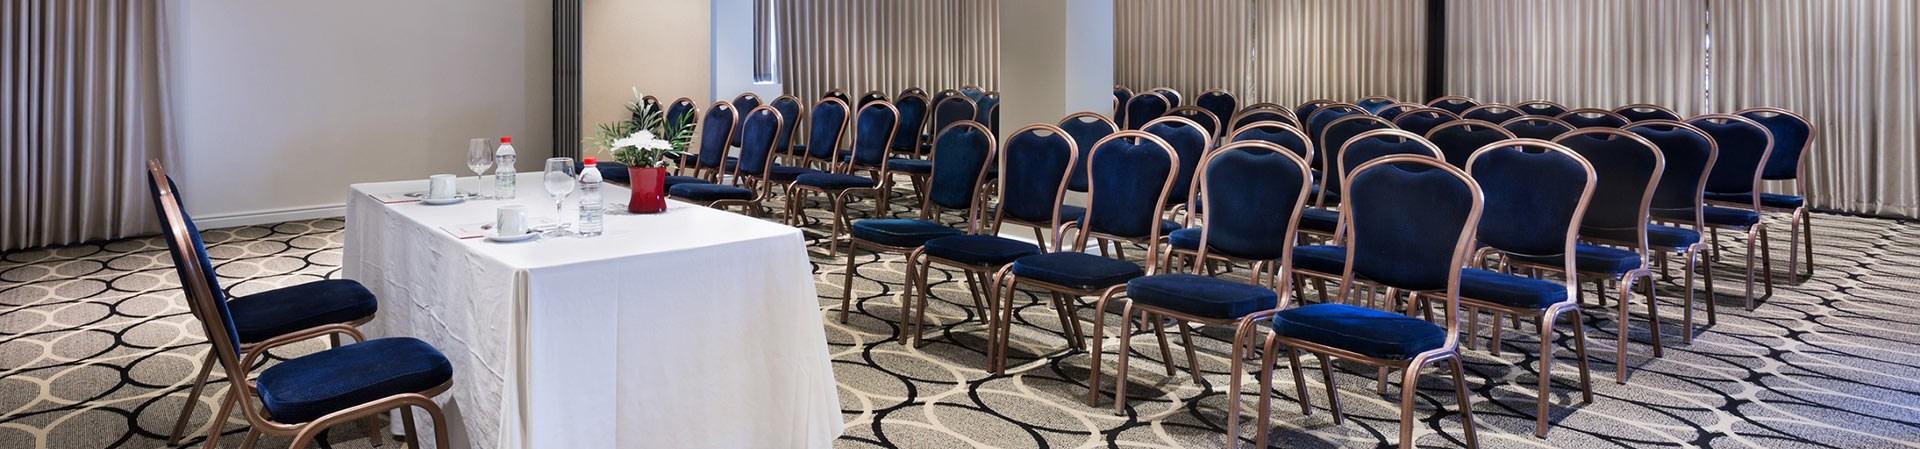 מלון פרימה אואזיס - חדר ישיבות